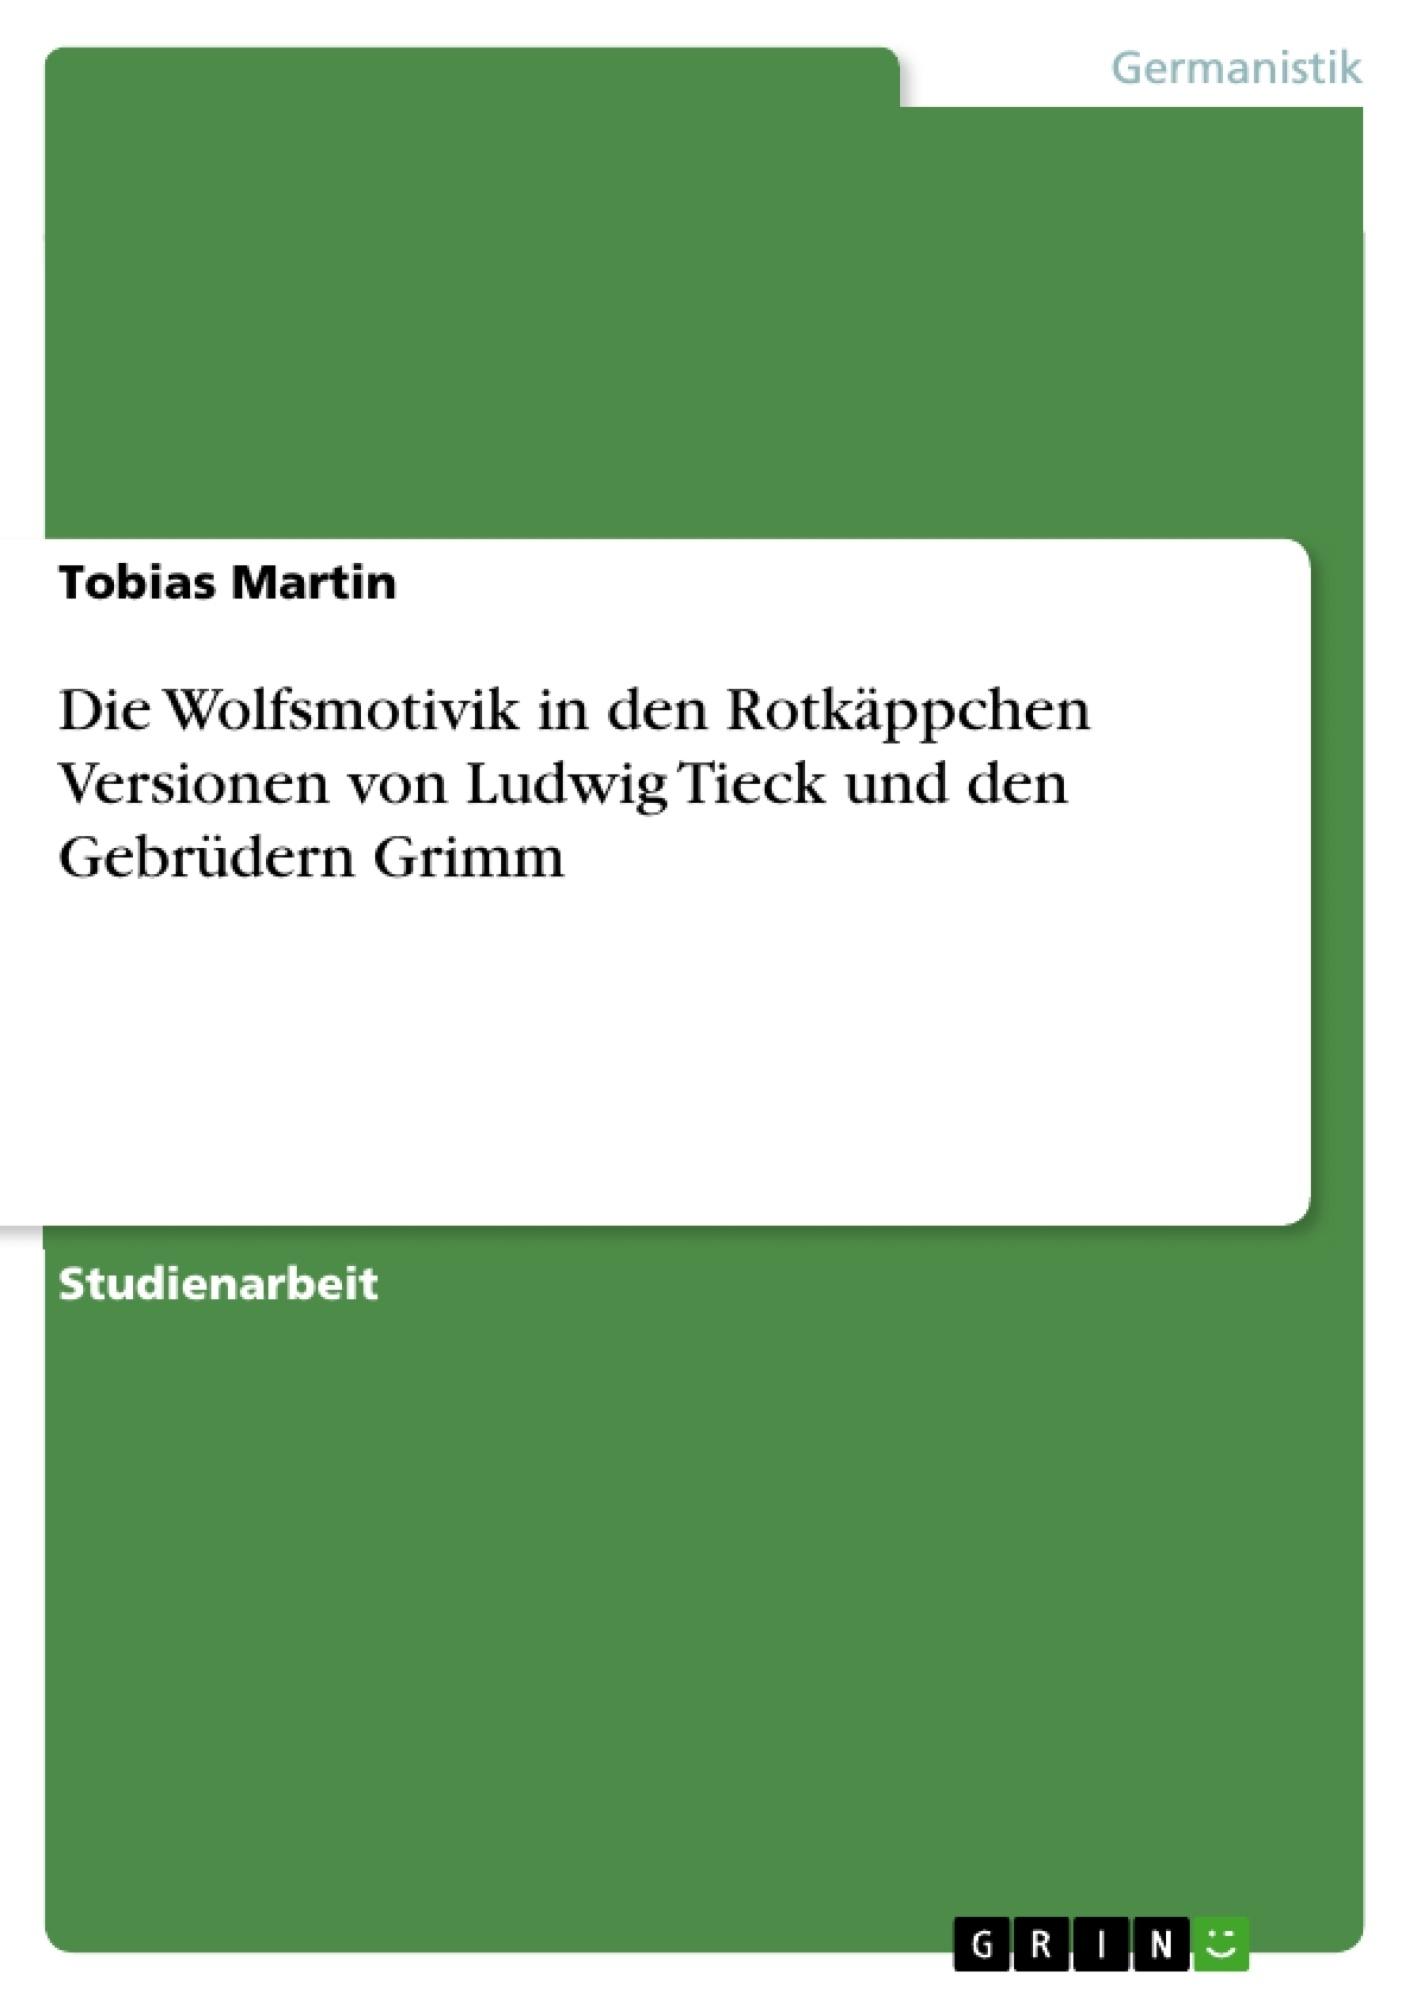 Titel: Die Wolfsmotivik in den Rotkäppchen Versionen von Ludwig Tieck und den Gebrüdern Grimm